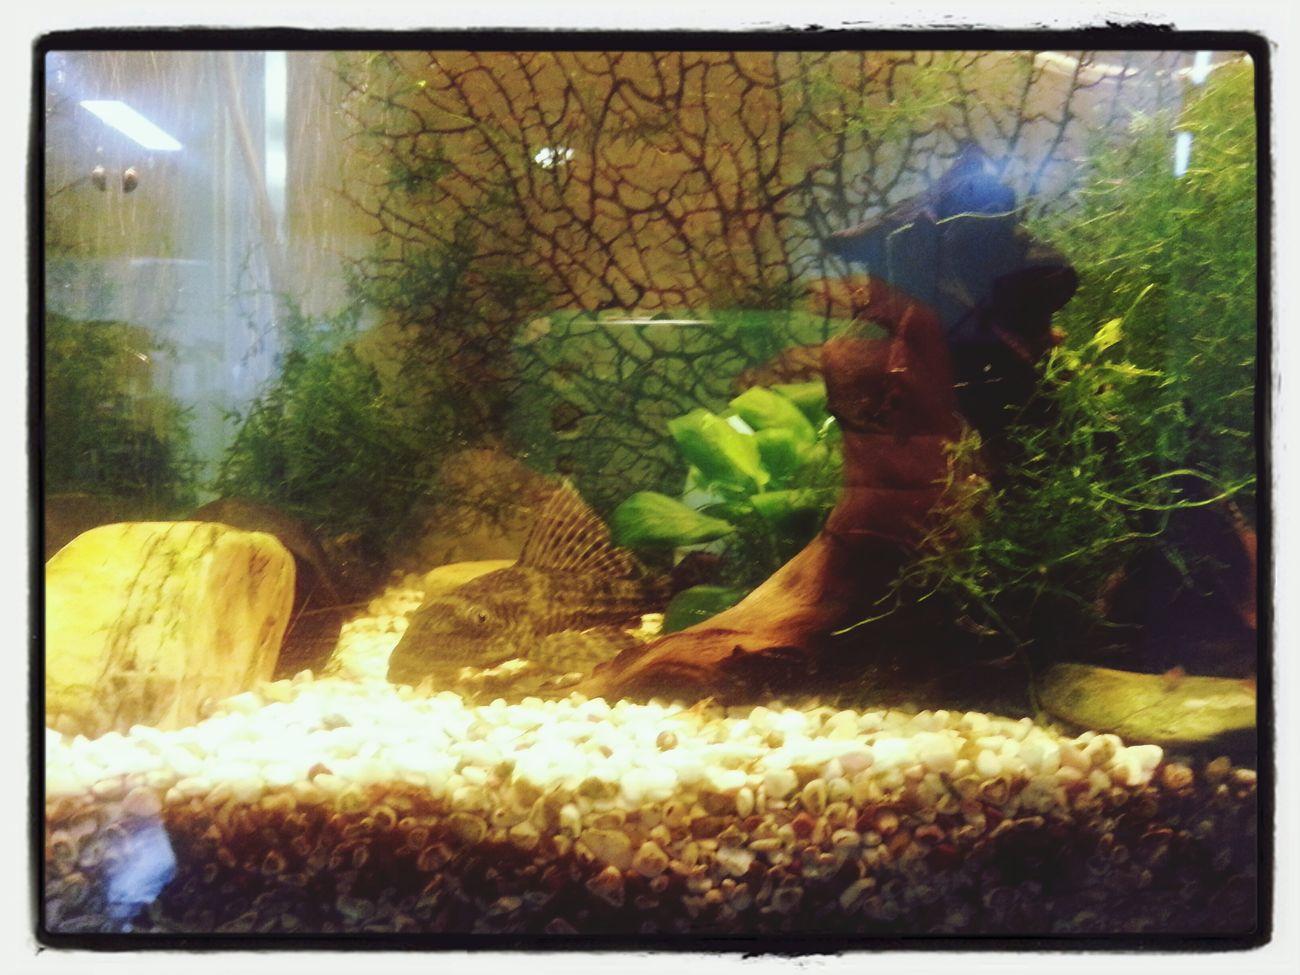 Fish... Fish